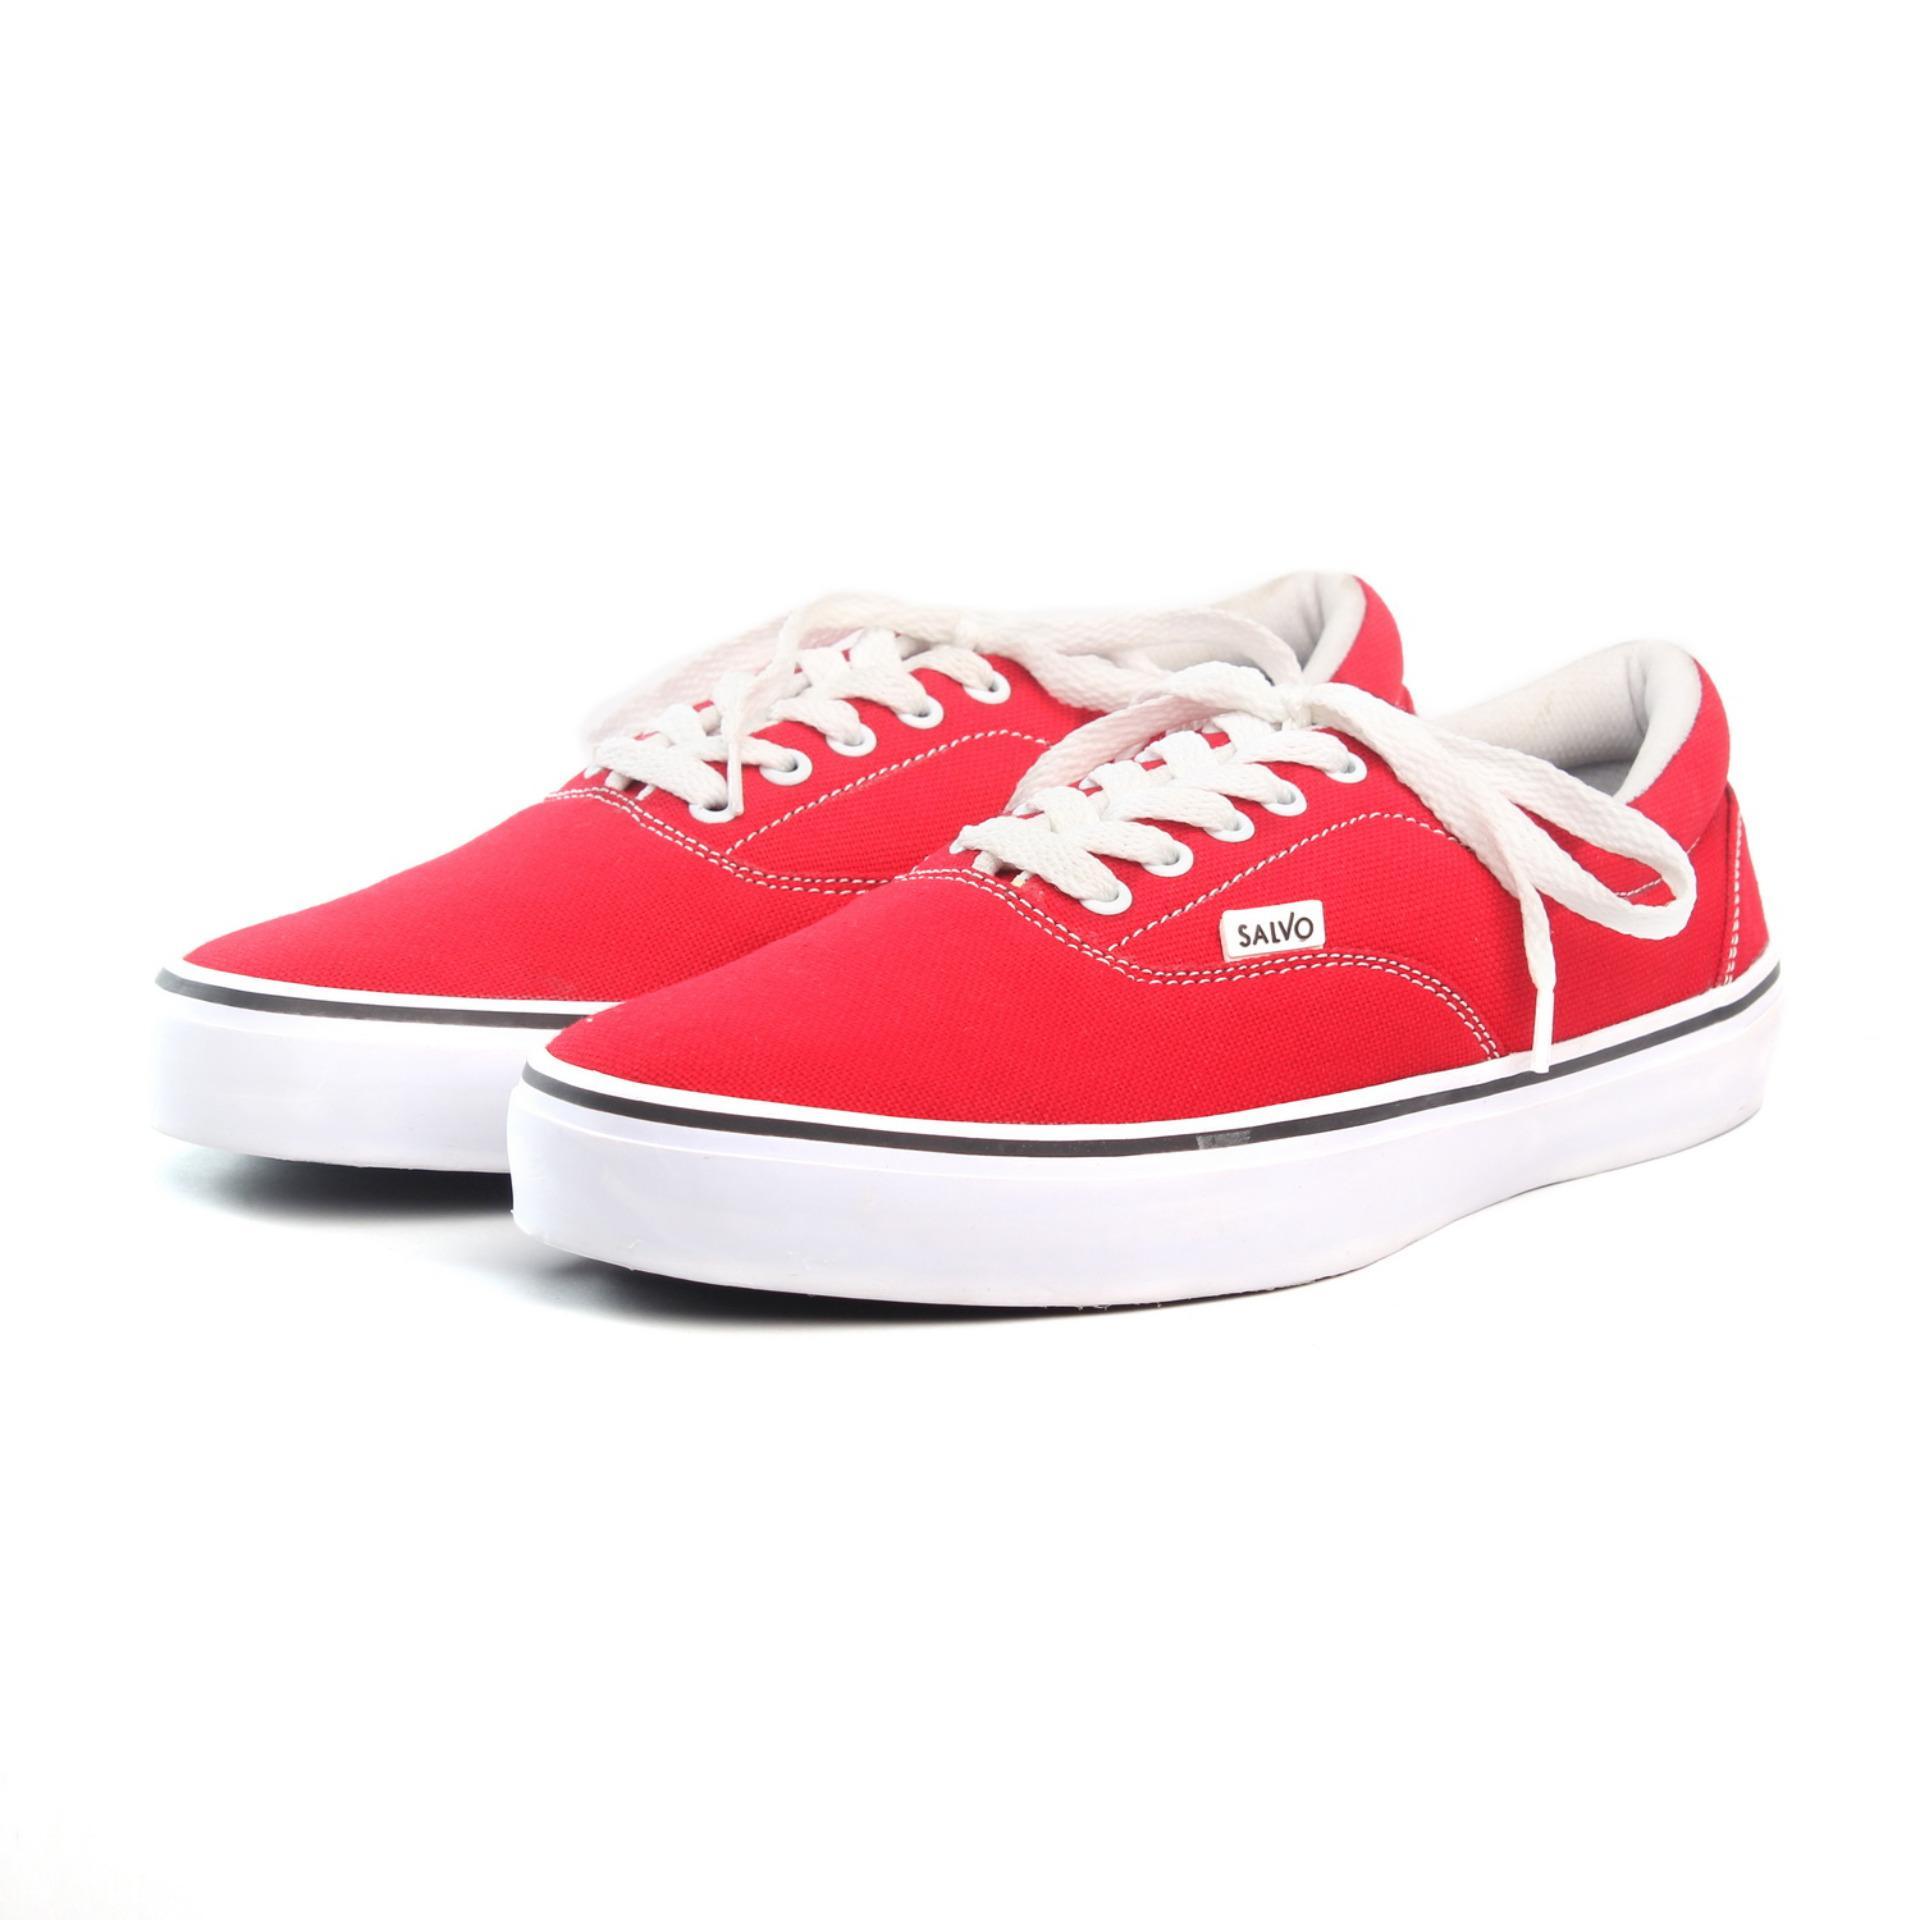 Perbandingan harga Salvo sepatu sneaker pria A03-Merah Harga baru c55fe7ac11